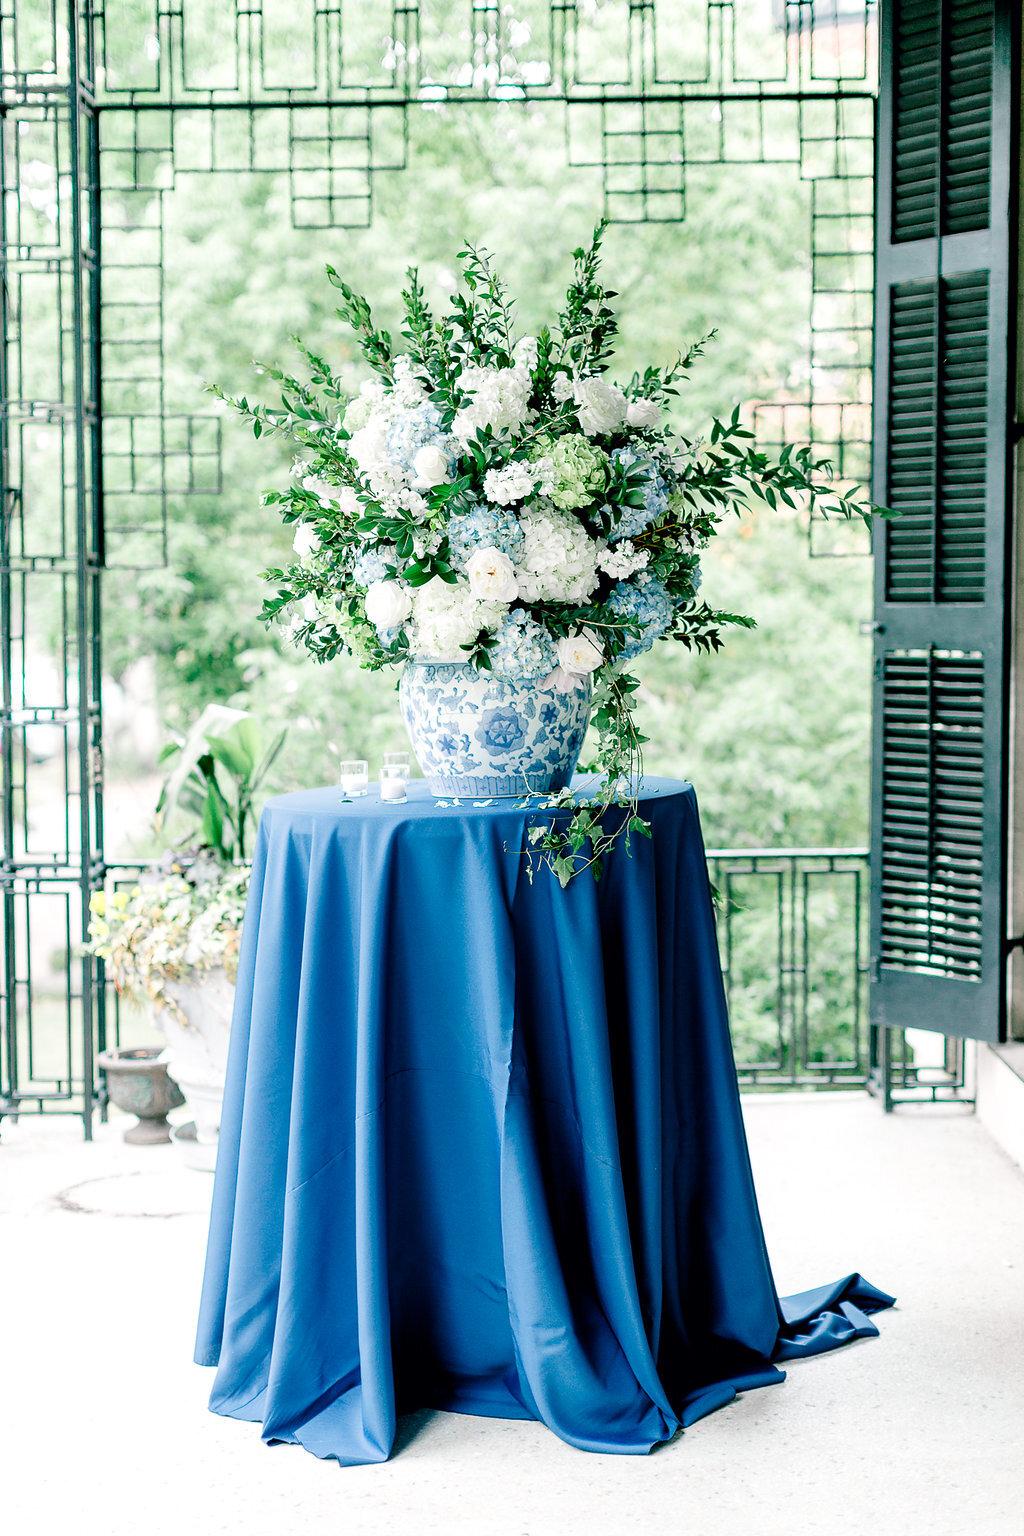 Savannah-Georgia-Wedding-Photographer-Holly-Felts-Photography-31.jpg